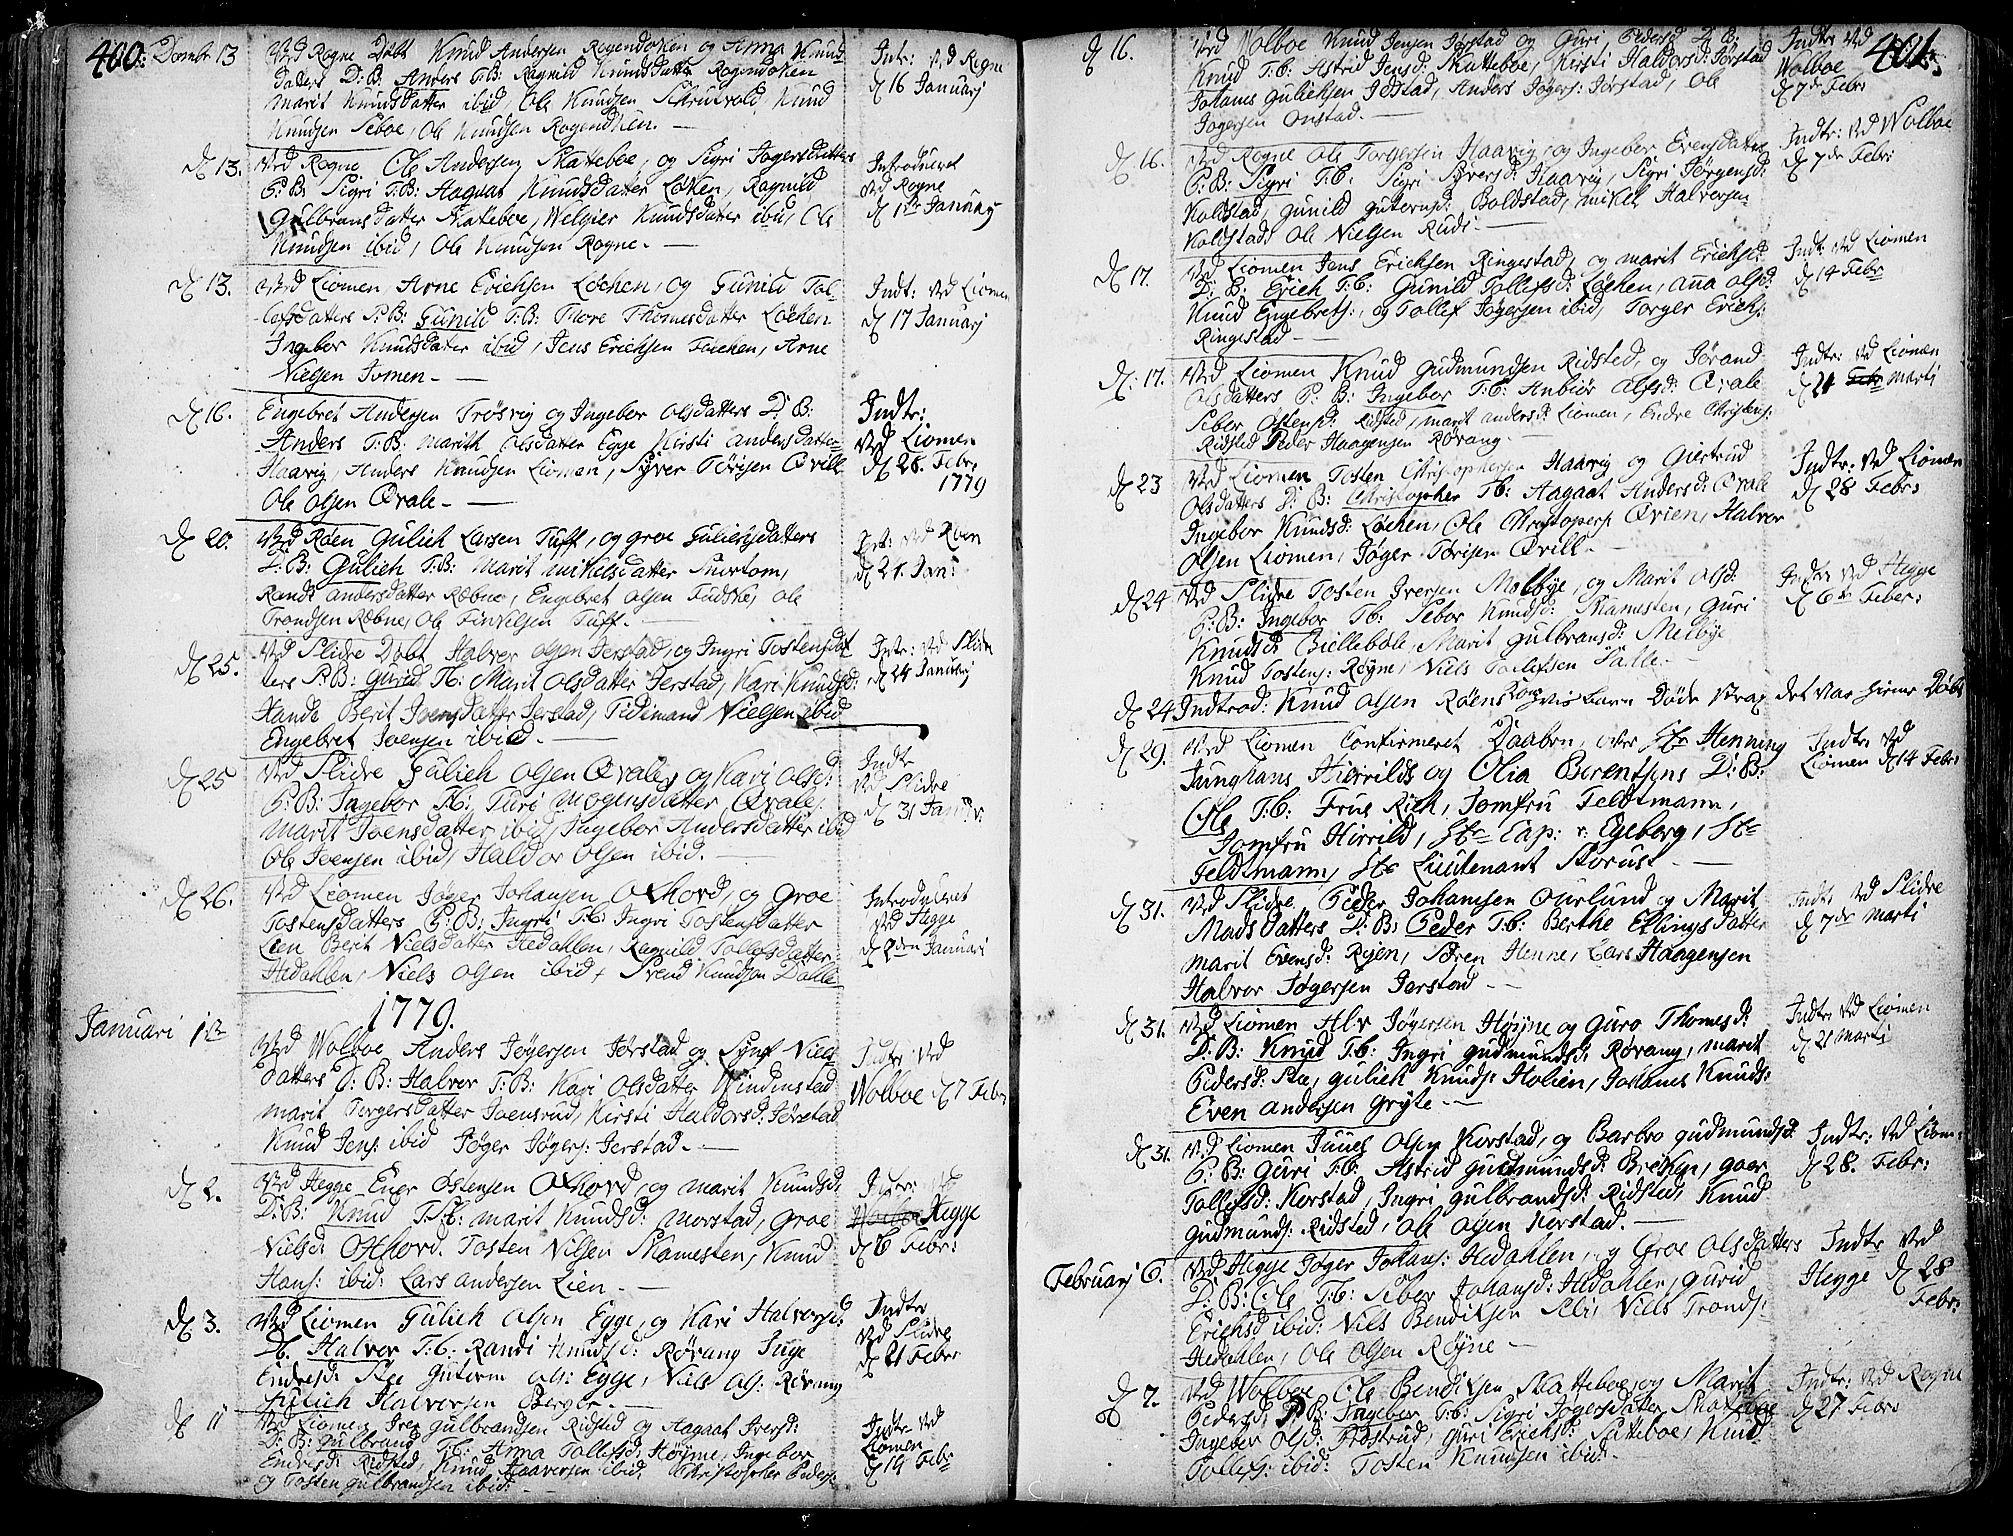 SAH, Slidre prestekontor, Ministerialbok nr. 1, 1724-1814, s. 400-401